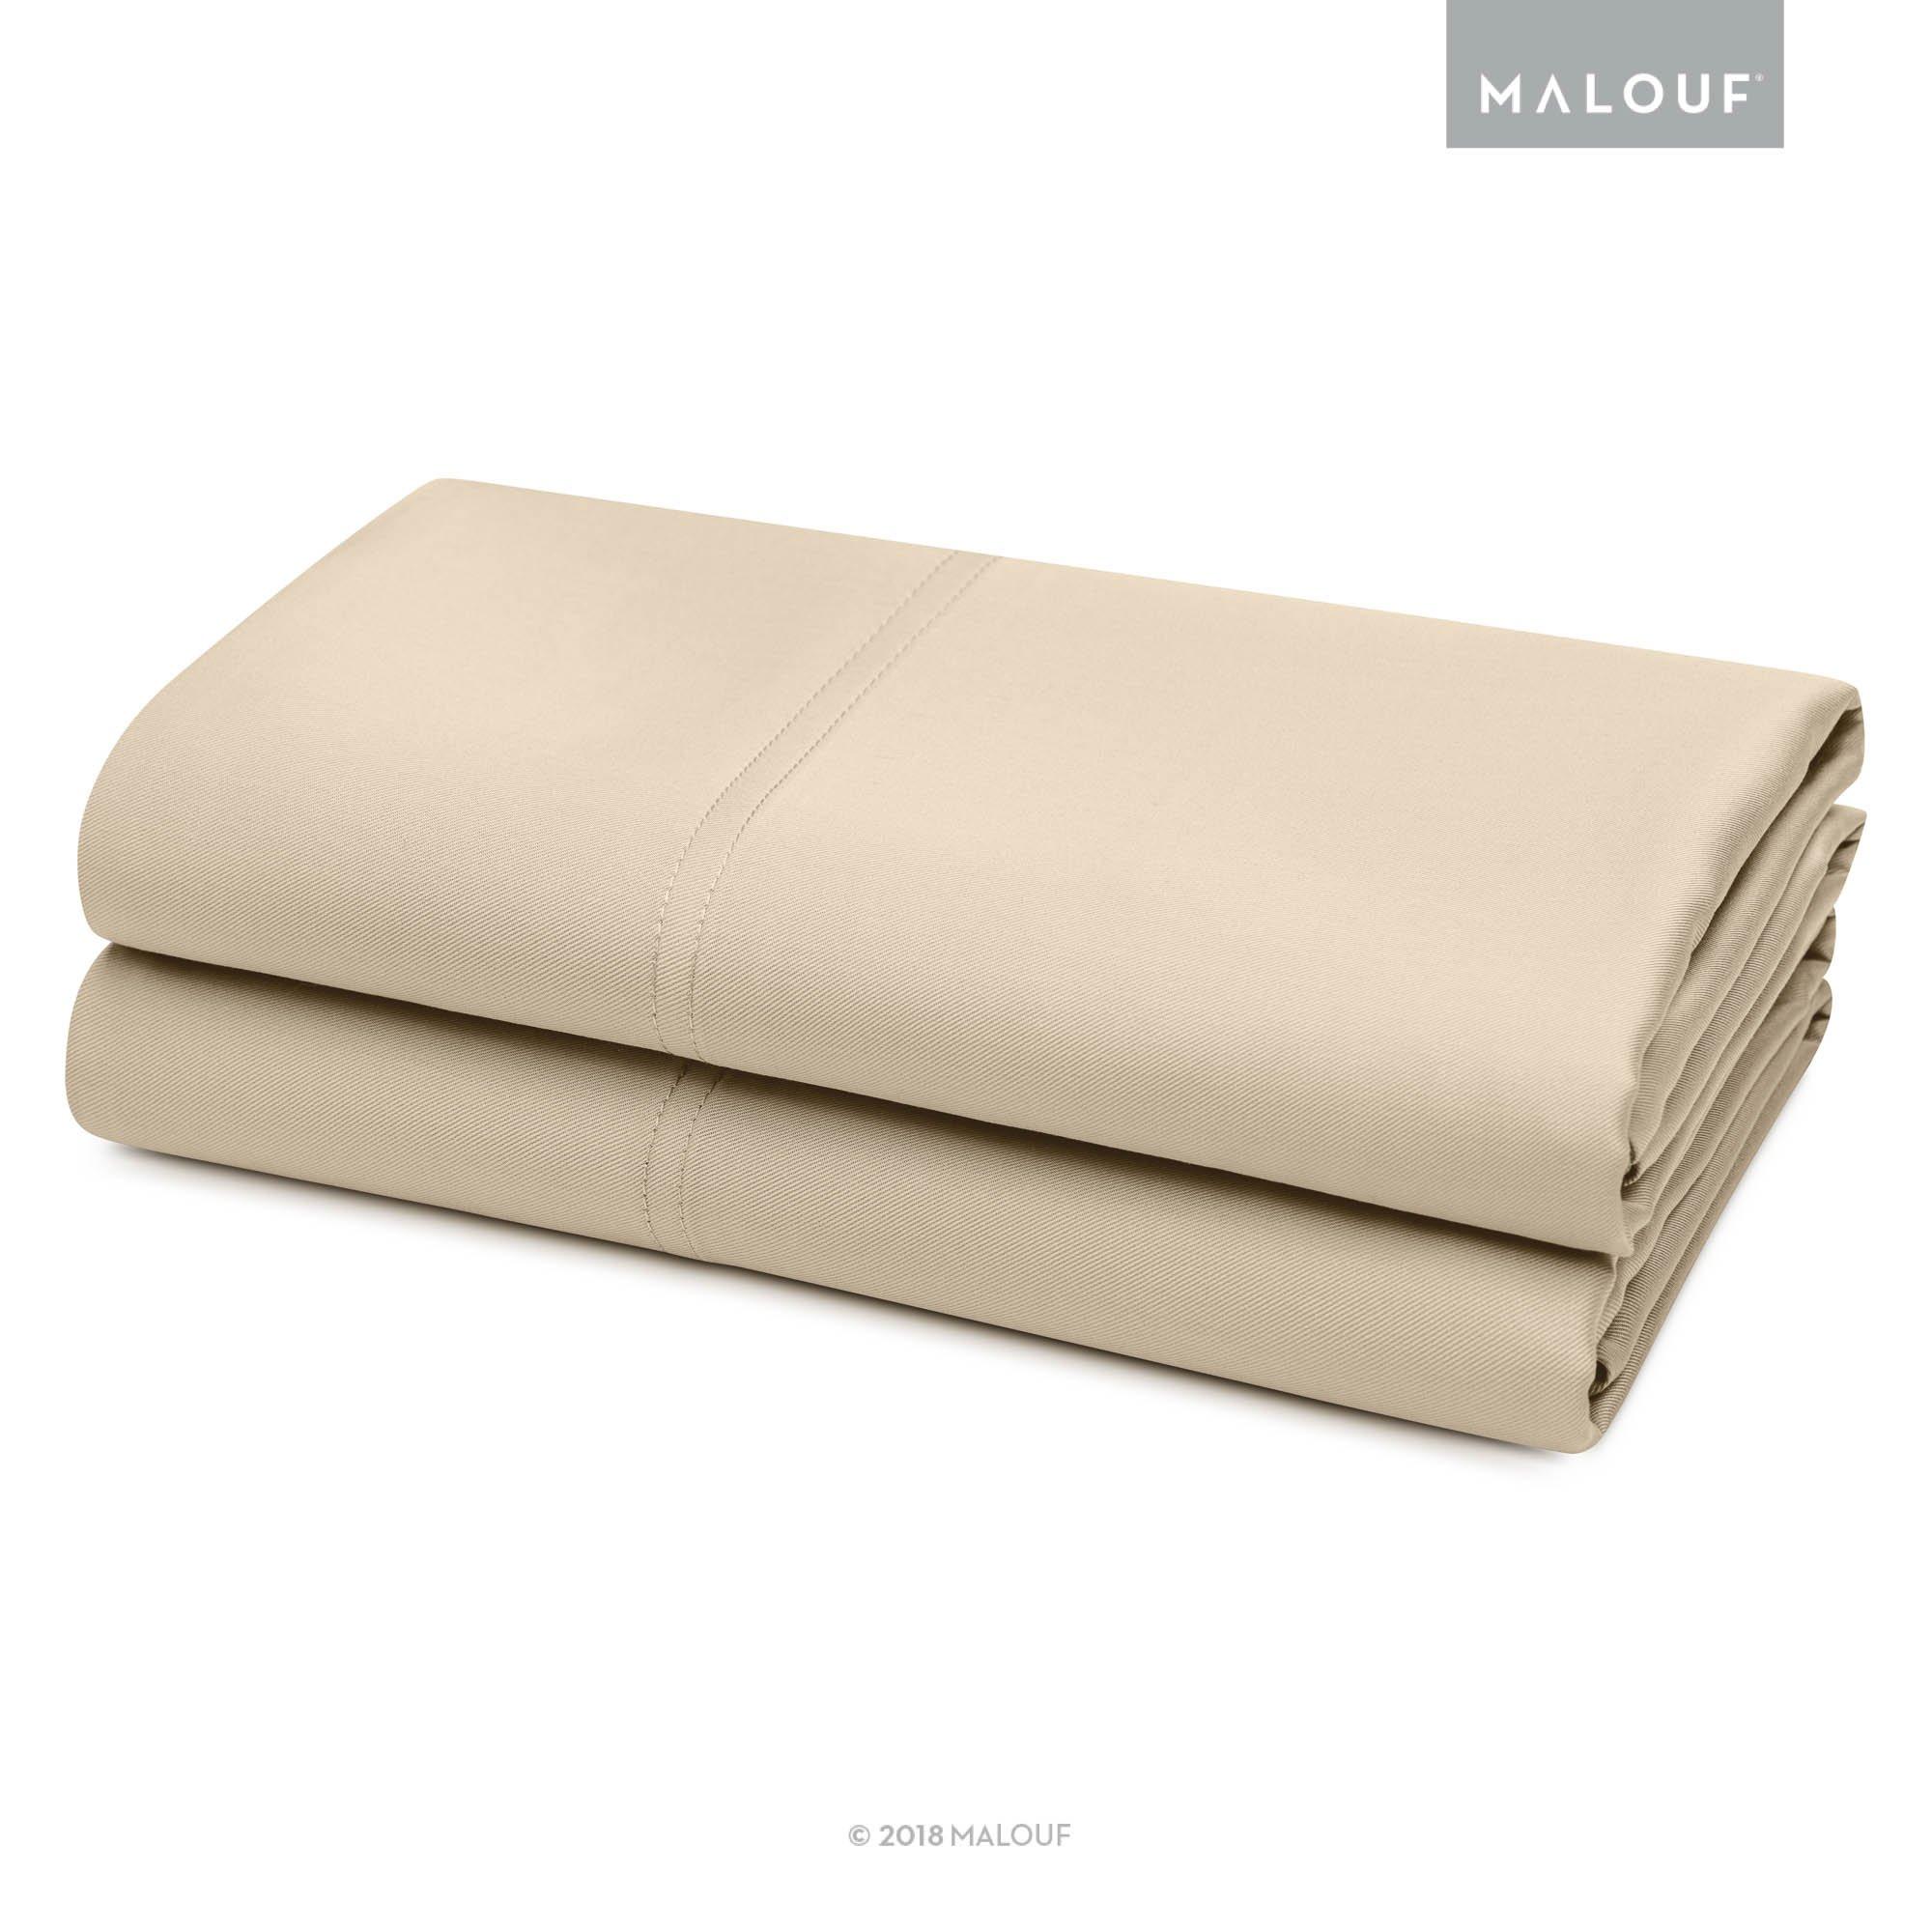 MALOUF 100% Rayon from Bamboo Pillowcase Set - 2-pc Set - King - Driftwood